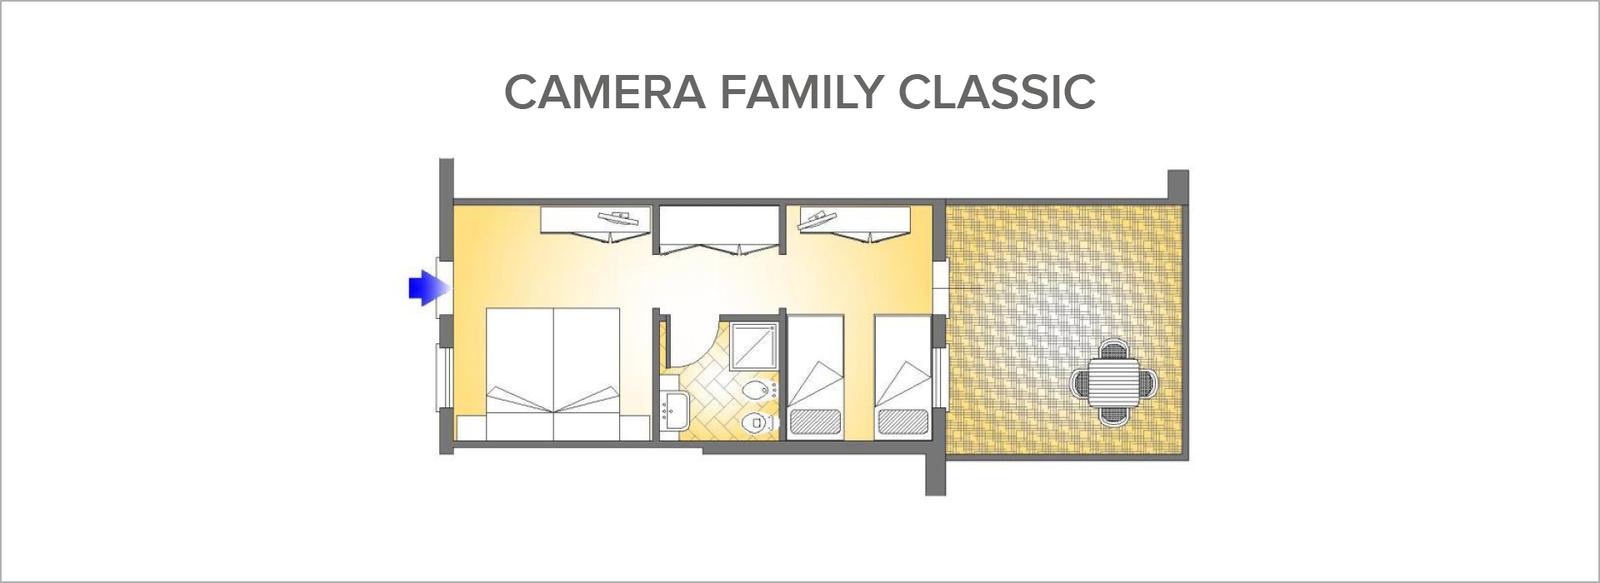 Elegante e raffinato family hotel - camera